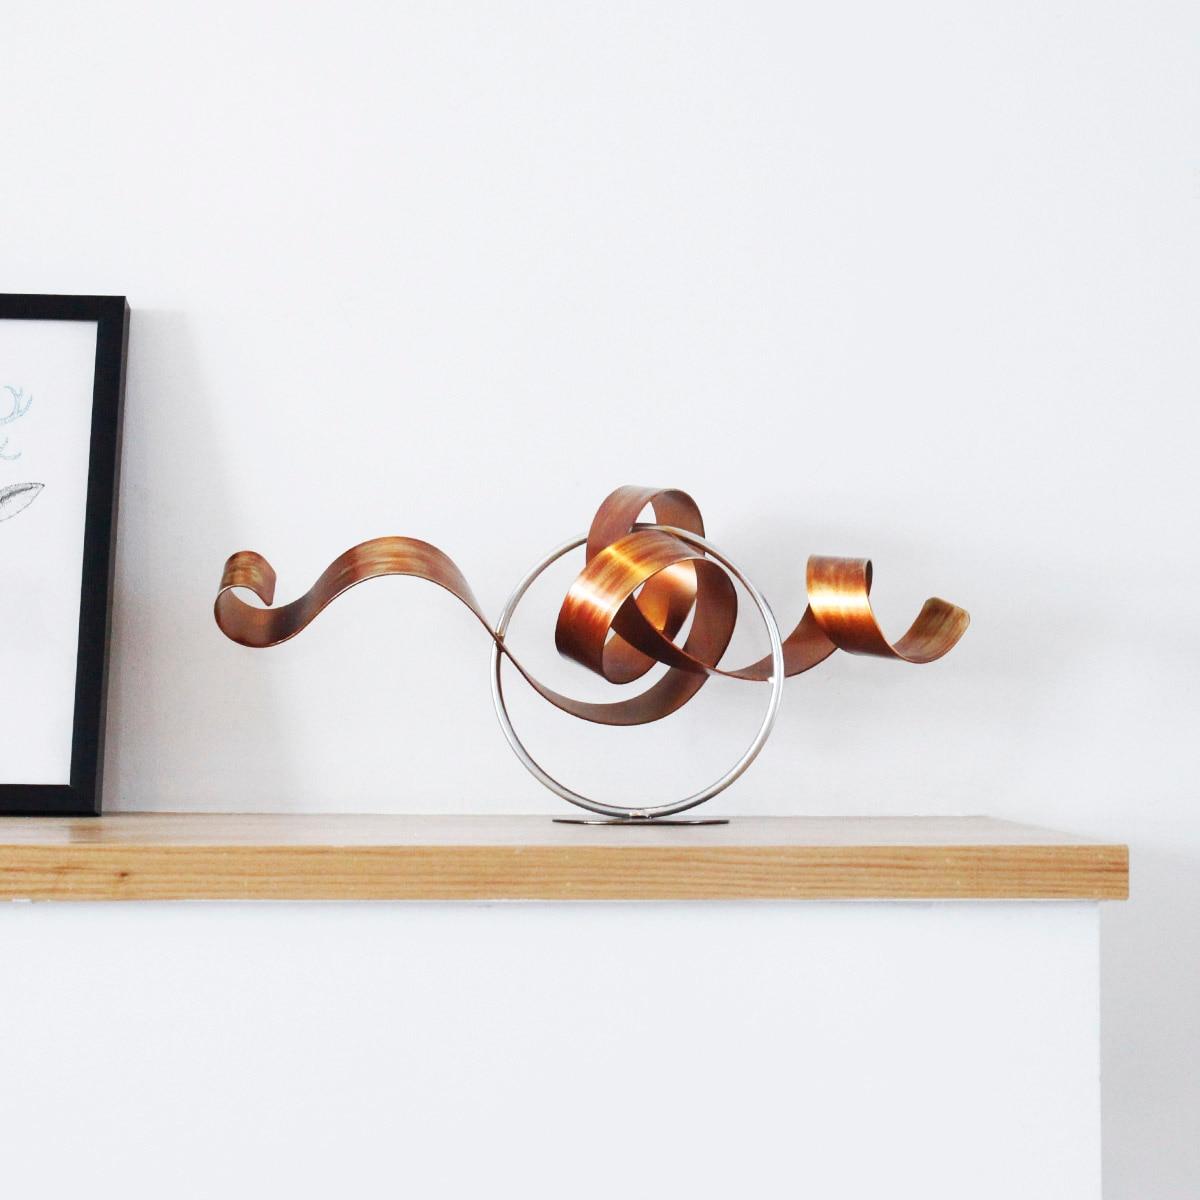 À la mode fer tortillant moderne Sculpture abstraite Sculpture œuvre métal Sculpture fer décoration de la maison intérieur extérieur décor-in Statues et sculptures from Maison & Animalerie    1